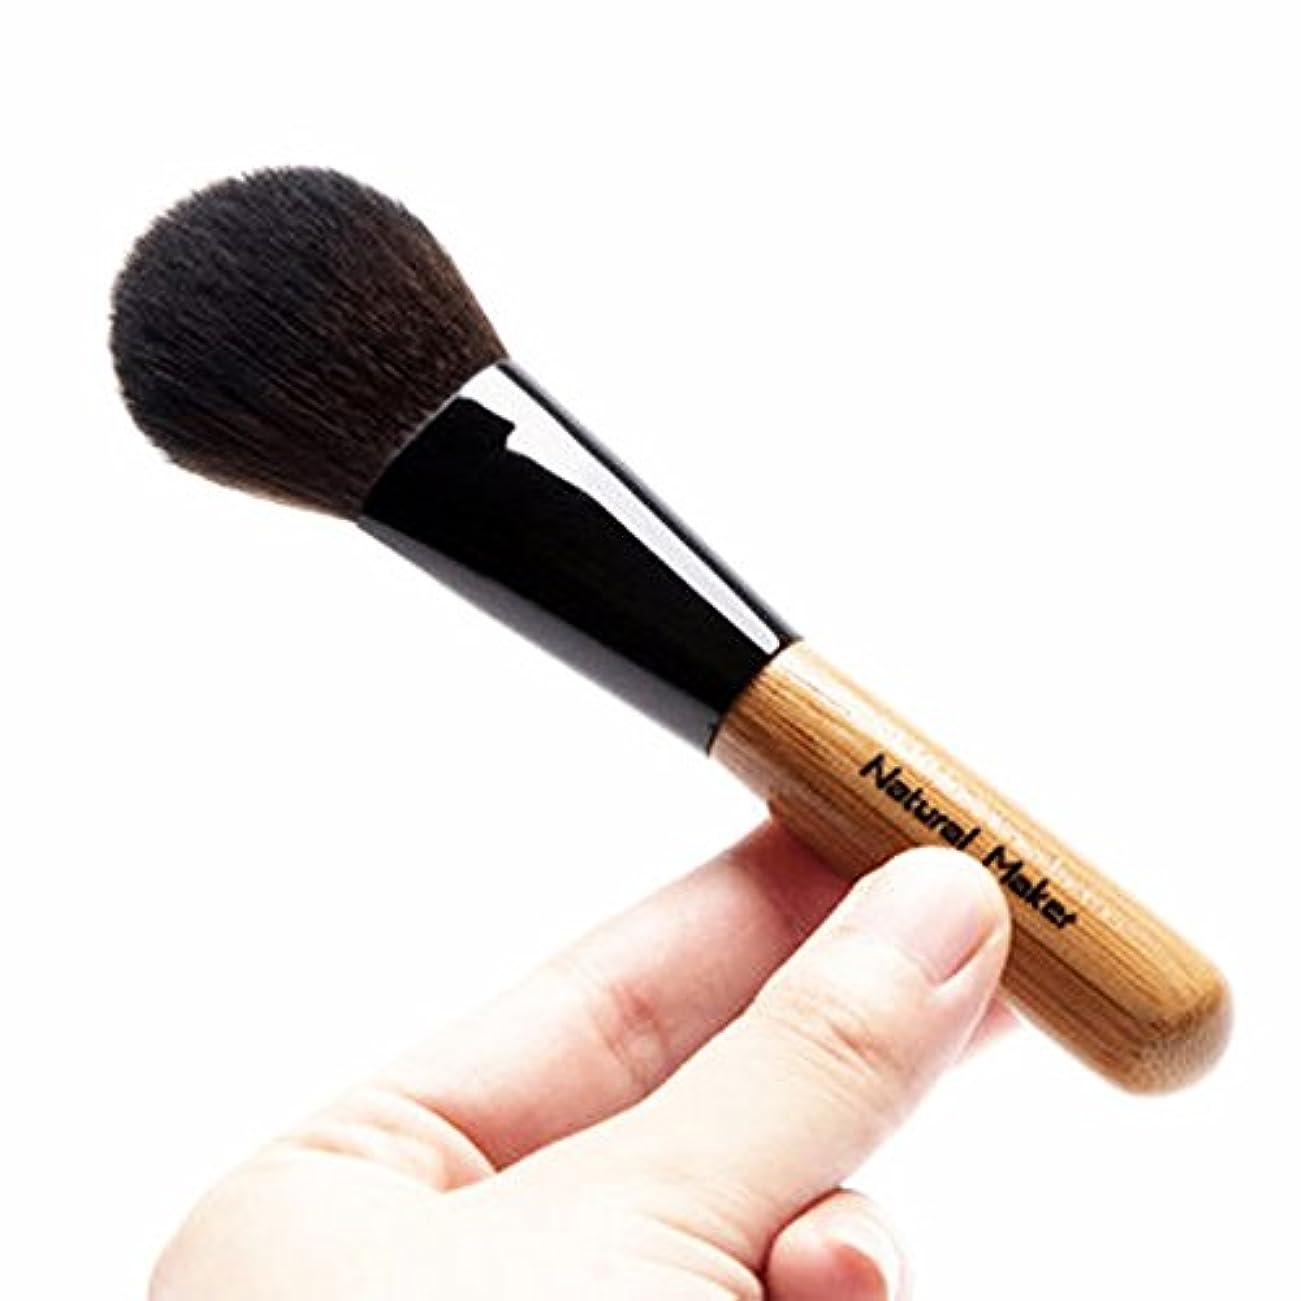 悲しいことにミリメートルマサッチョチークブラシ 化粧筆 パウダーブラシ メイクブラシ ハイライトブラシ 高級繊維毛 極上の肌触り 竹柄